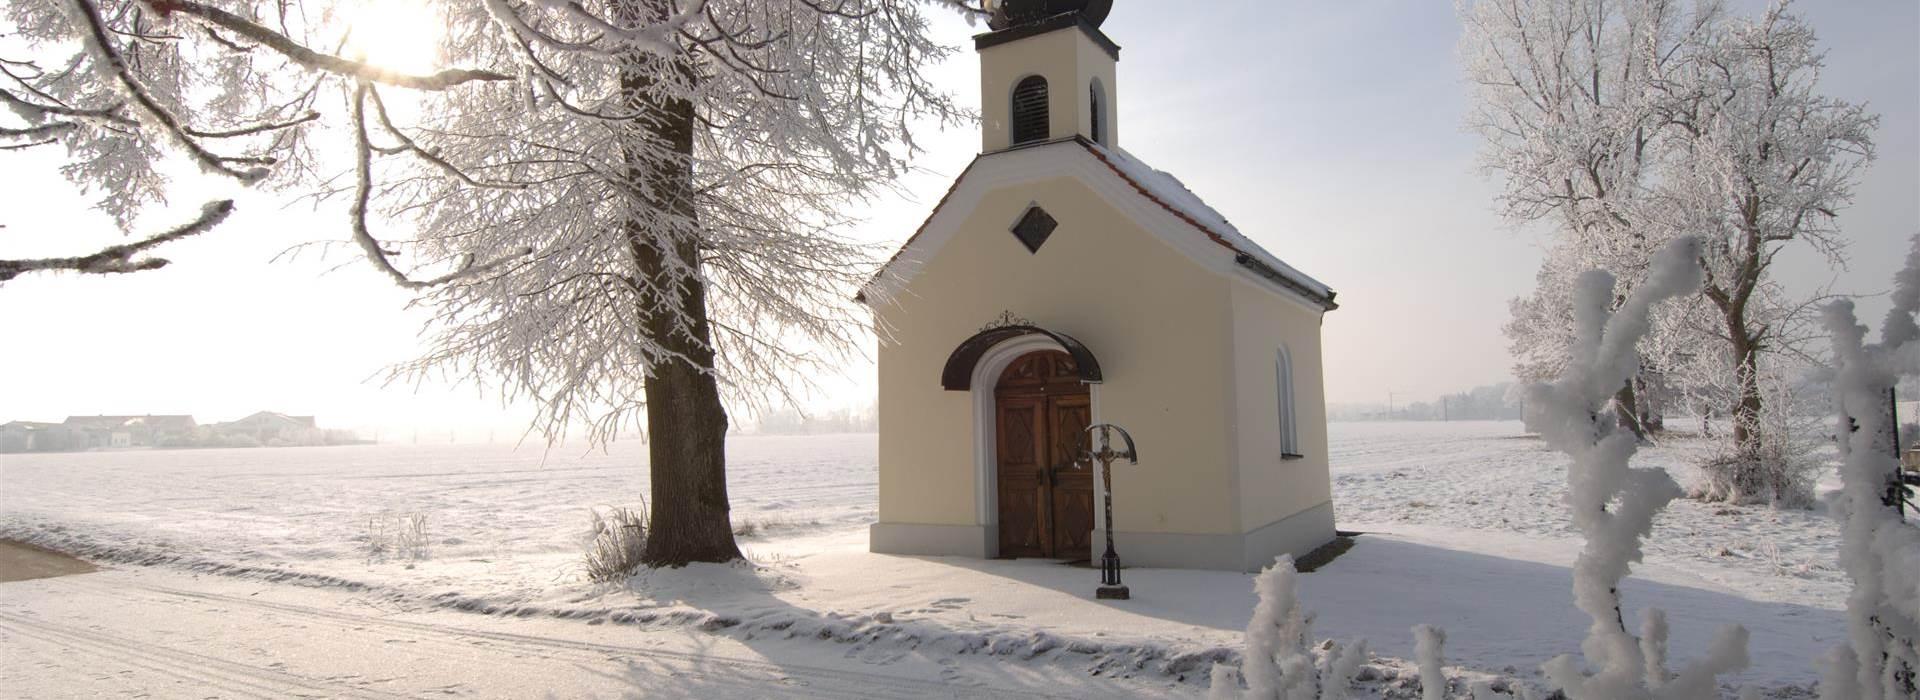 Winterliche Stimmung bei einer Kapelle